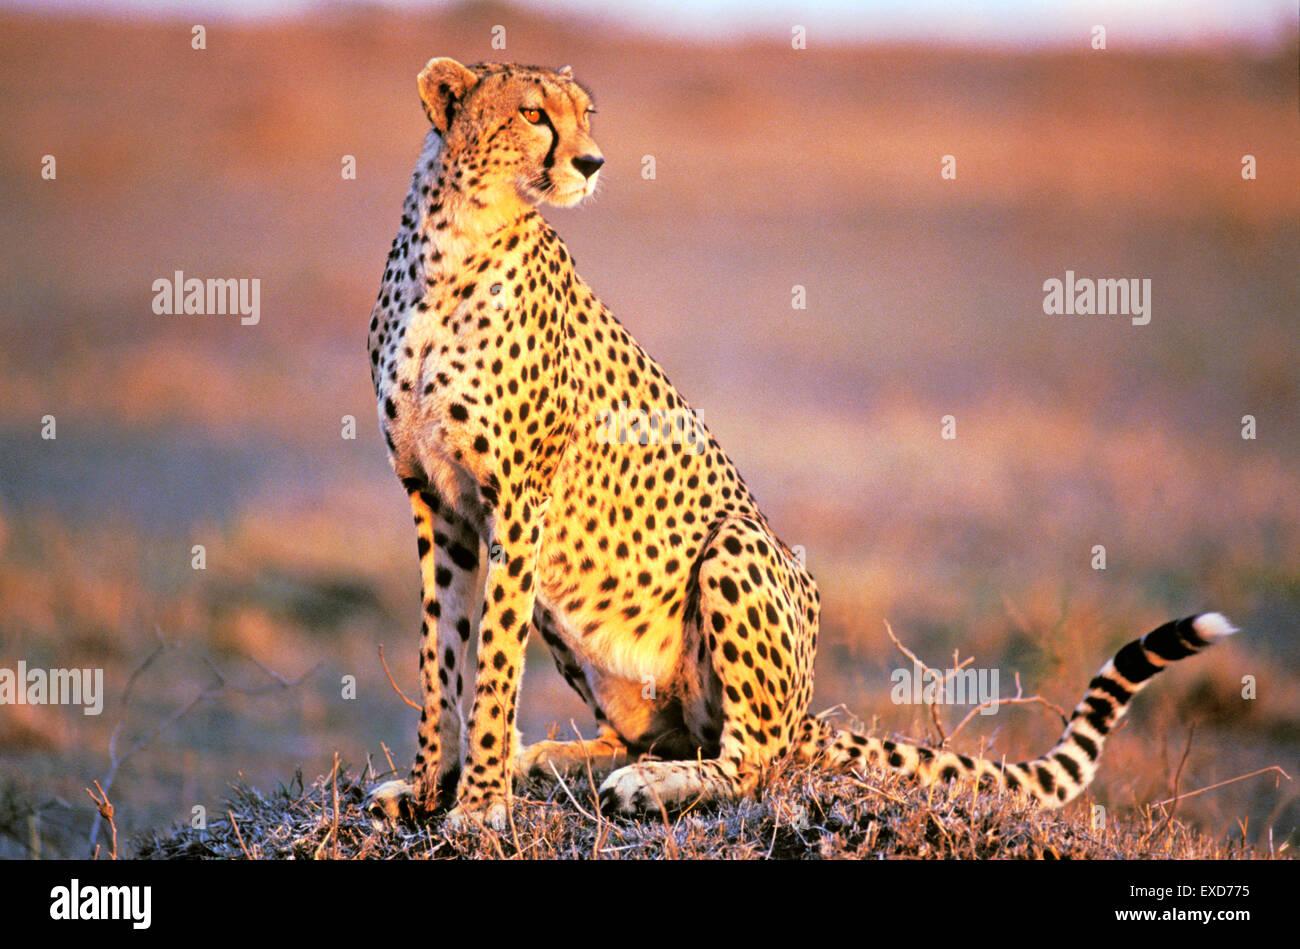 Le guépard assis à Savannah en fin d'après-midi du soleil Banque D'Images